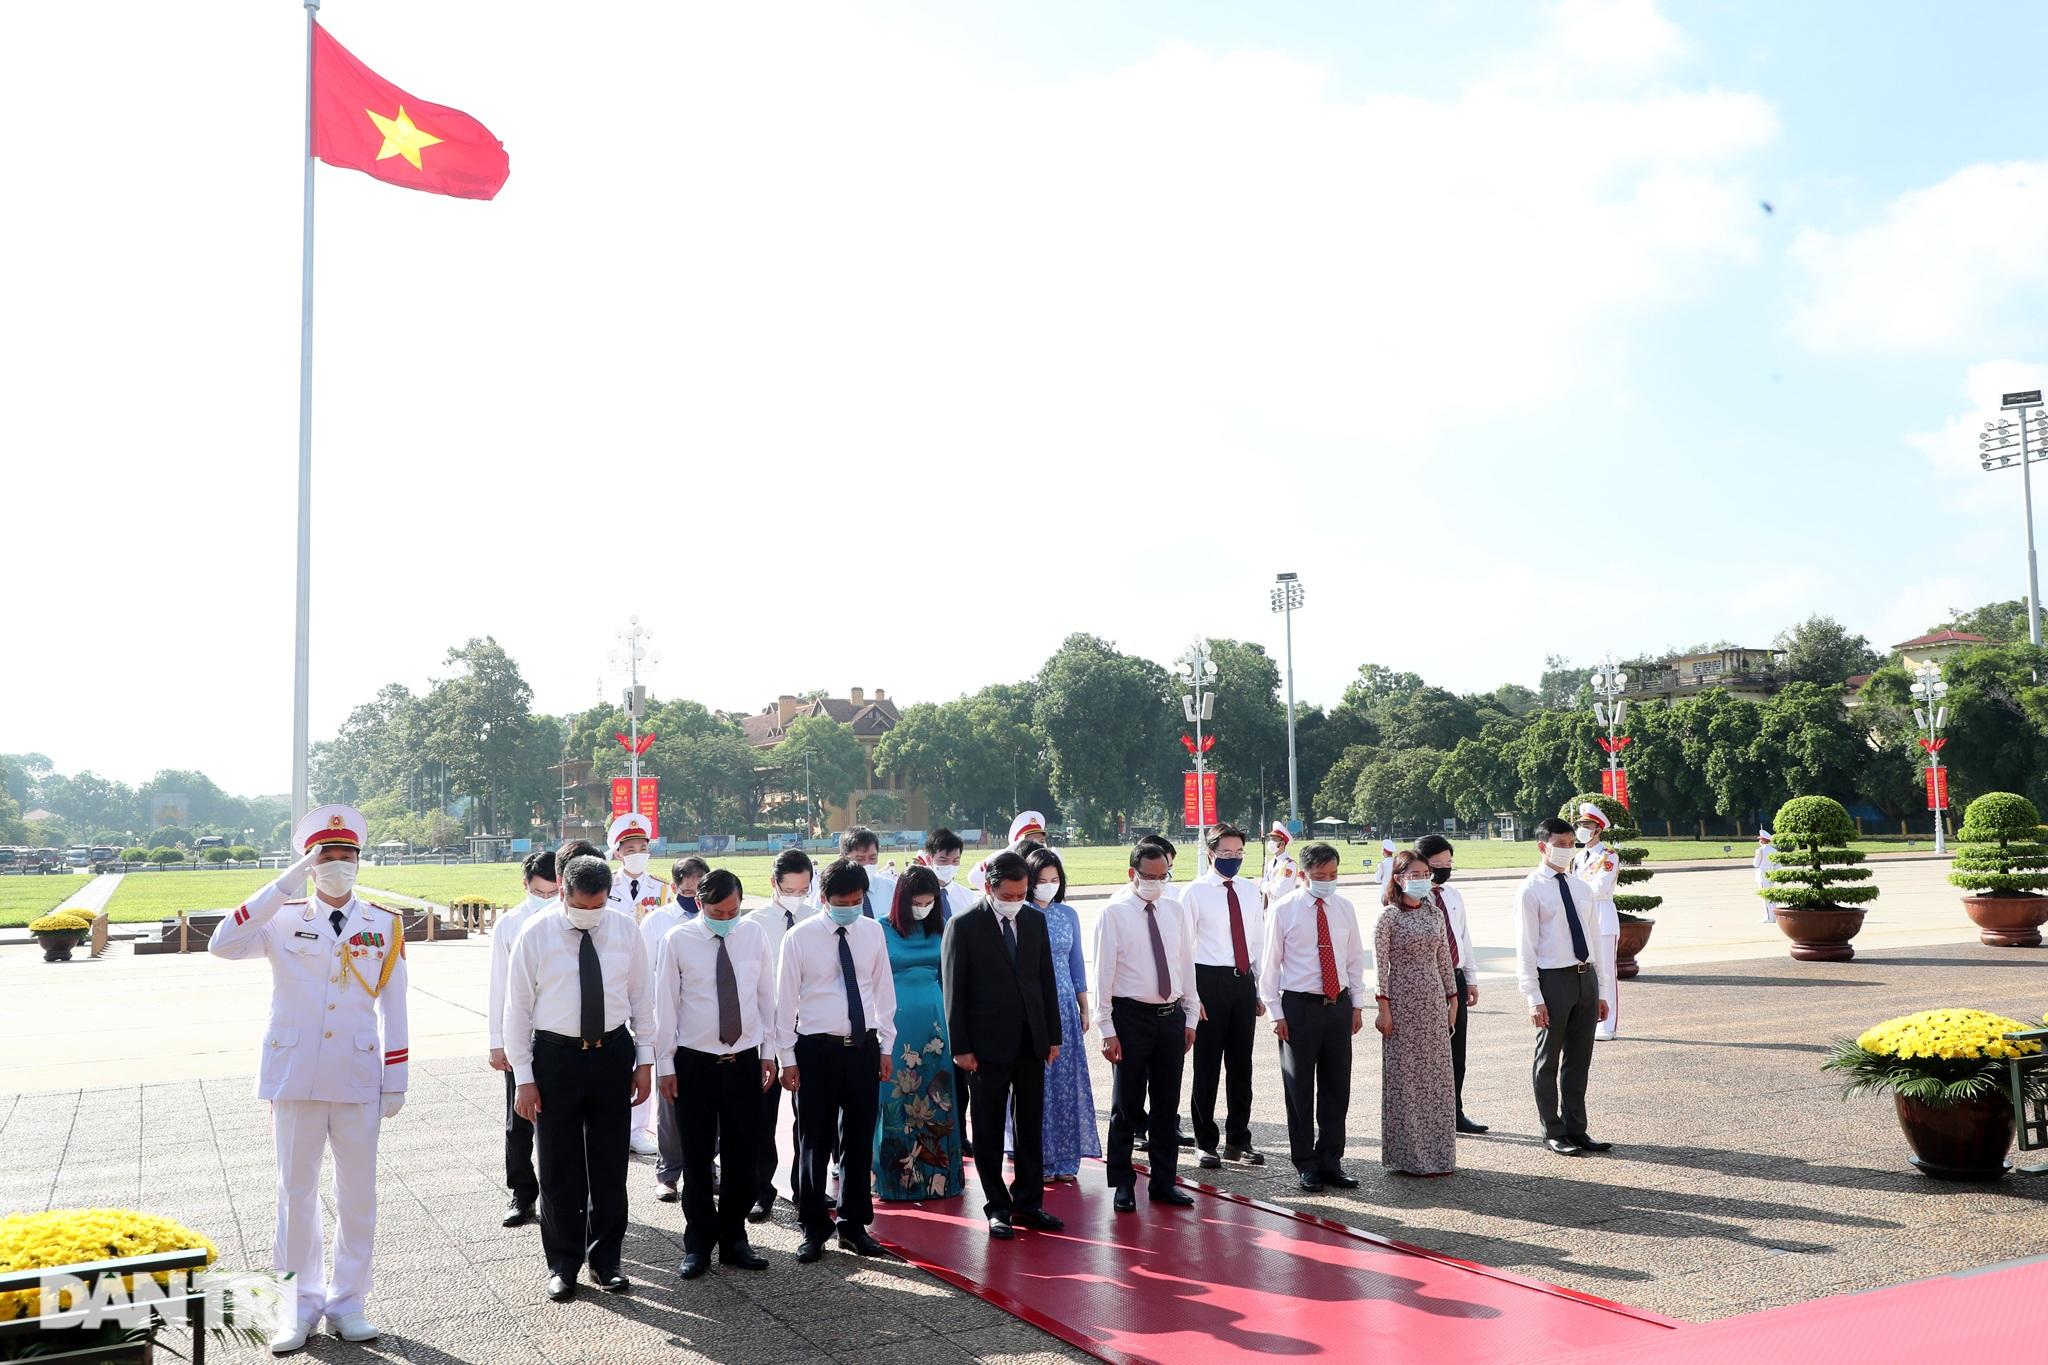 Lãnh đạo Đảng, Nhà nước đặt vòng hoa, tưởng niệm các Anh hùng liệt sĩ - 11